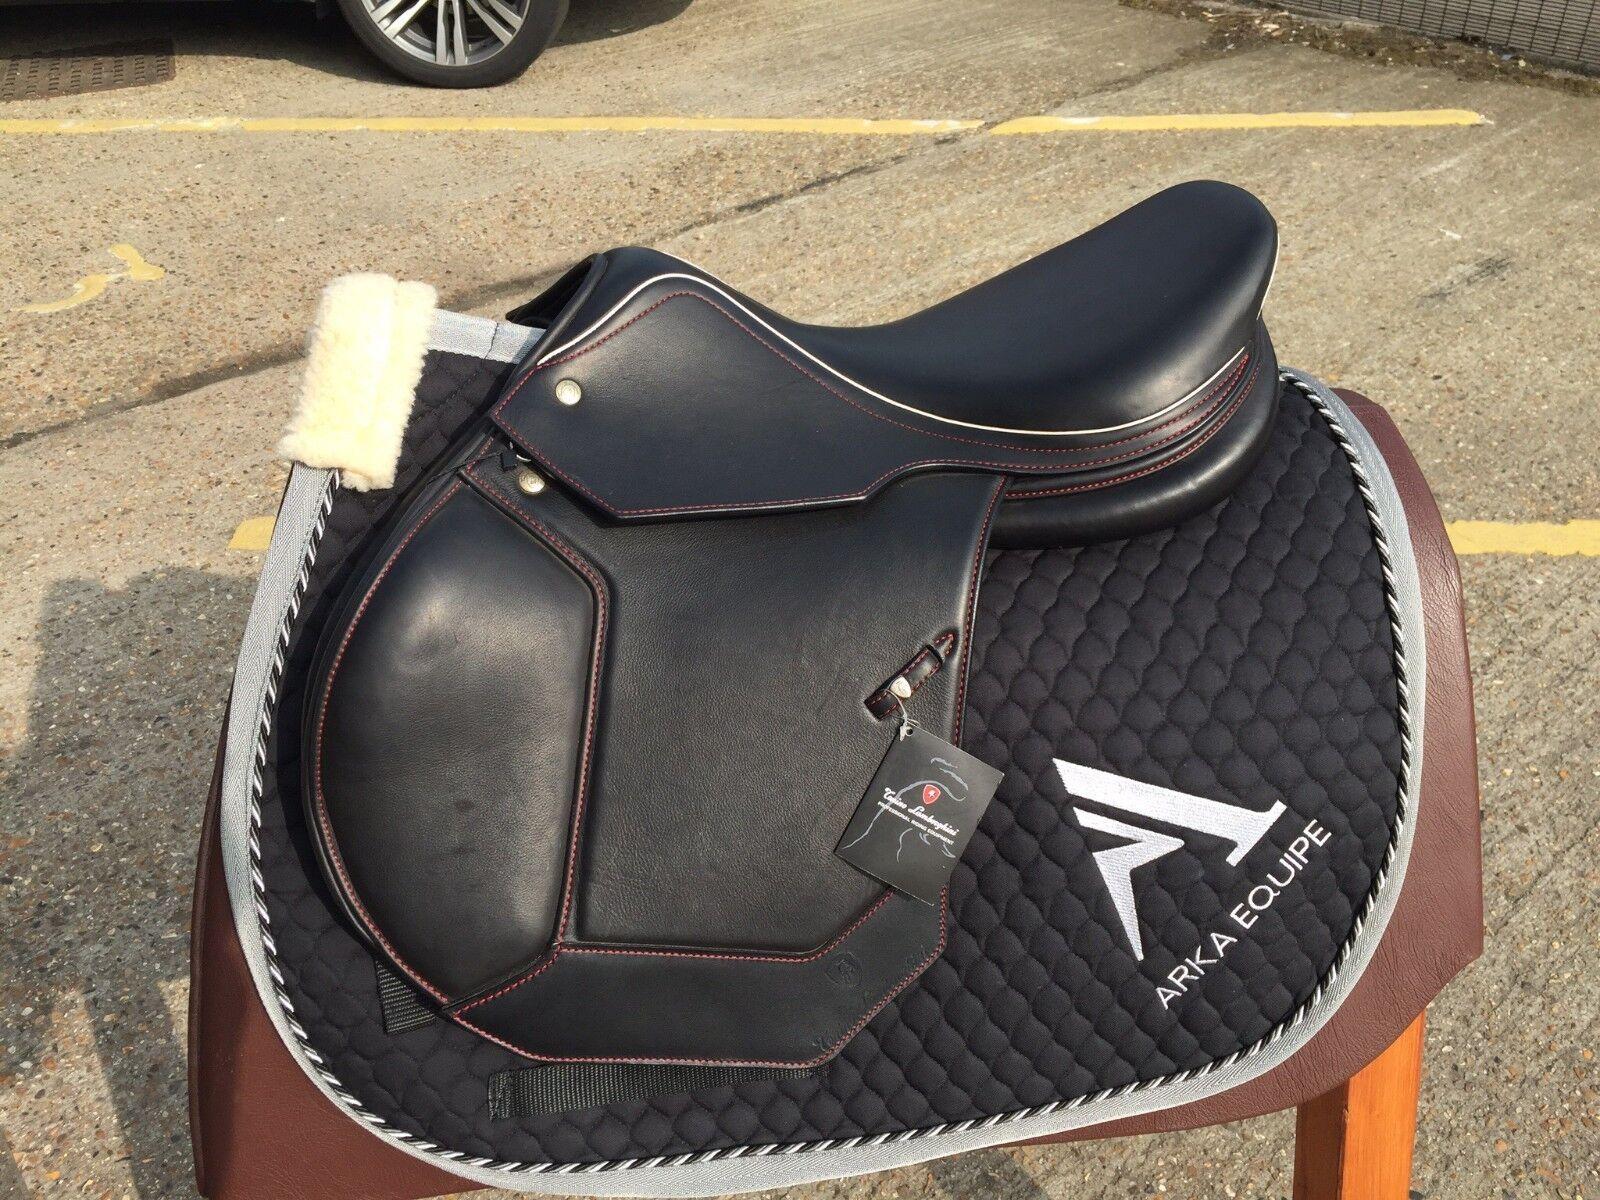 Lamborghini Classic Saddle + free Lanborghini Saddle Pad